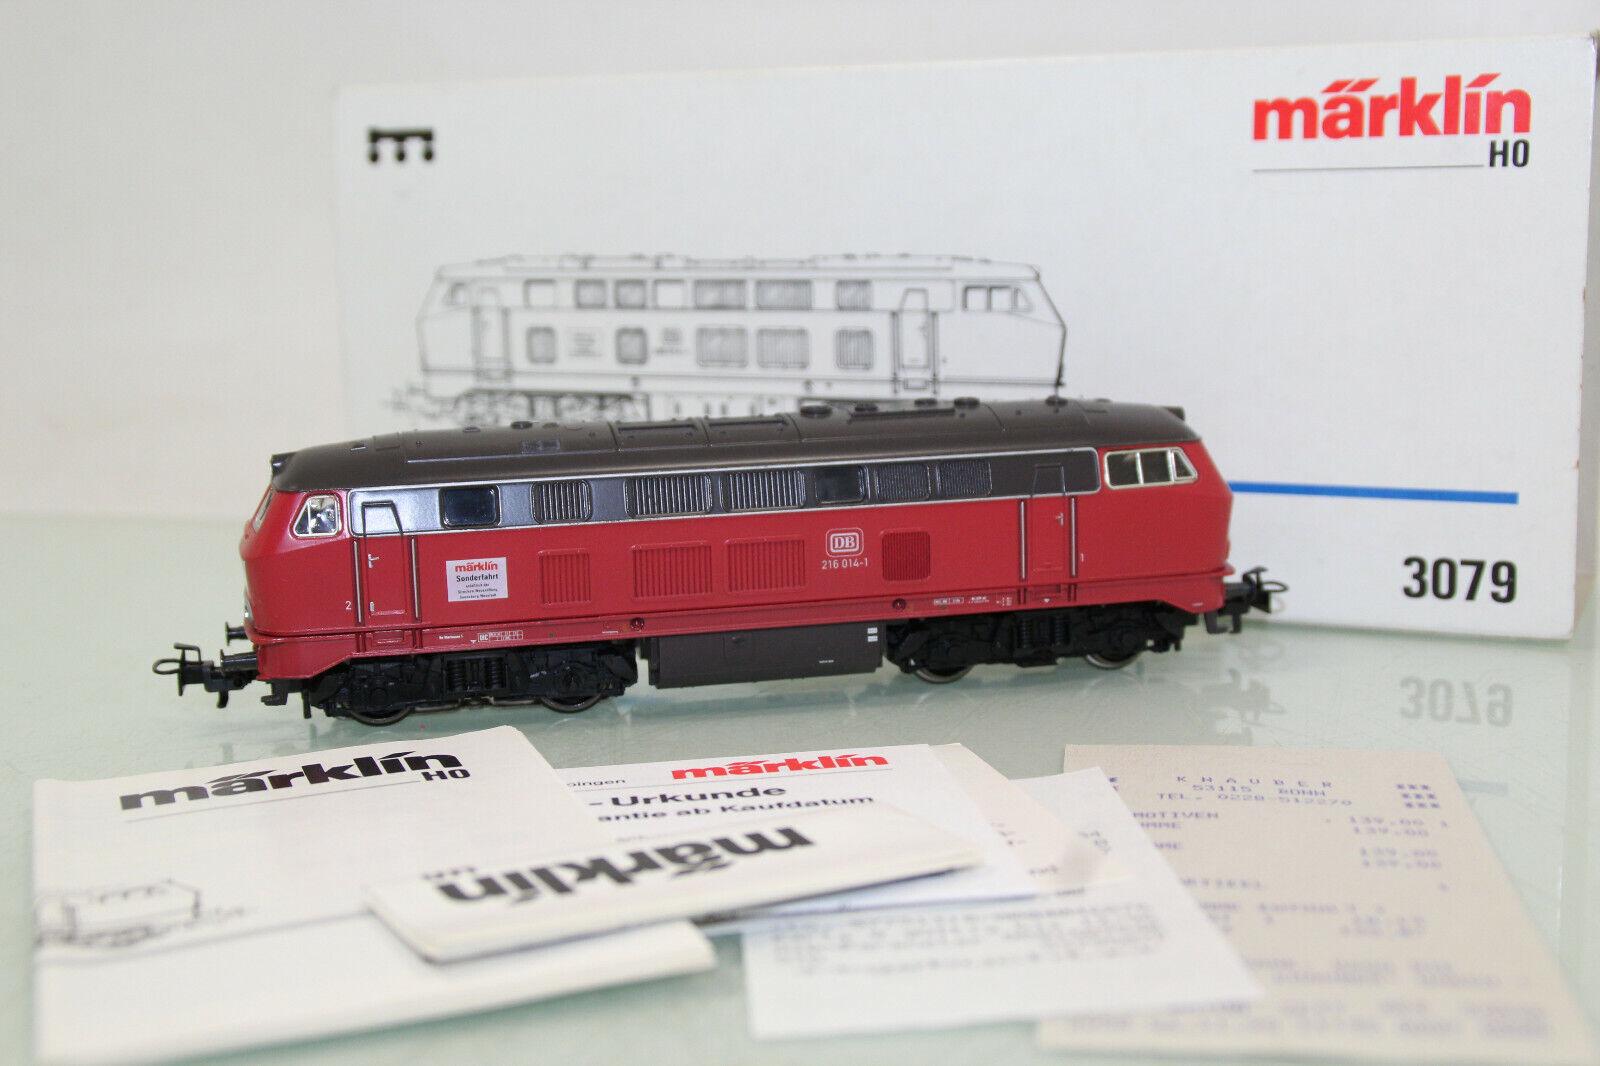 Märklin h0 3079 DIESEL BR 216 014-1 delle DB molto ben tenuto in scatola originale (cl3416)